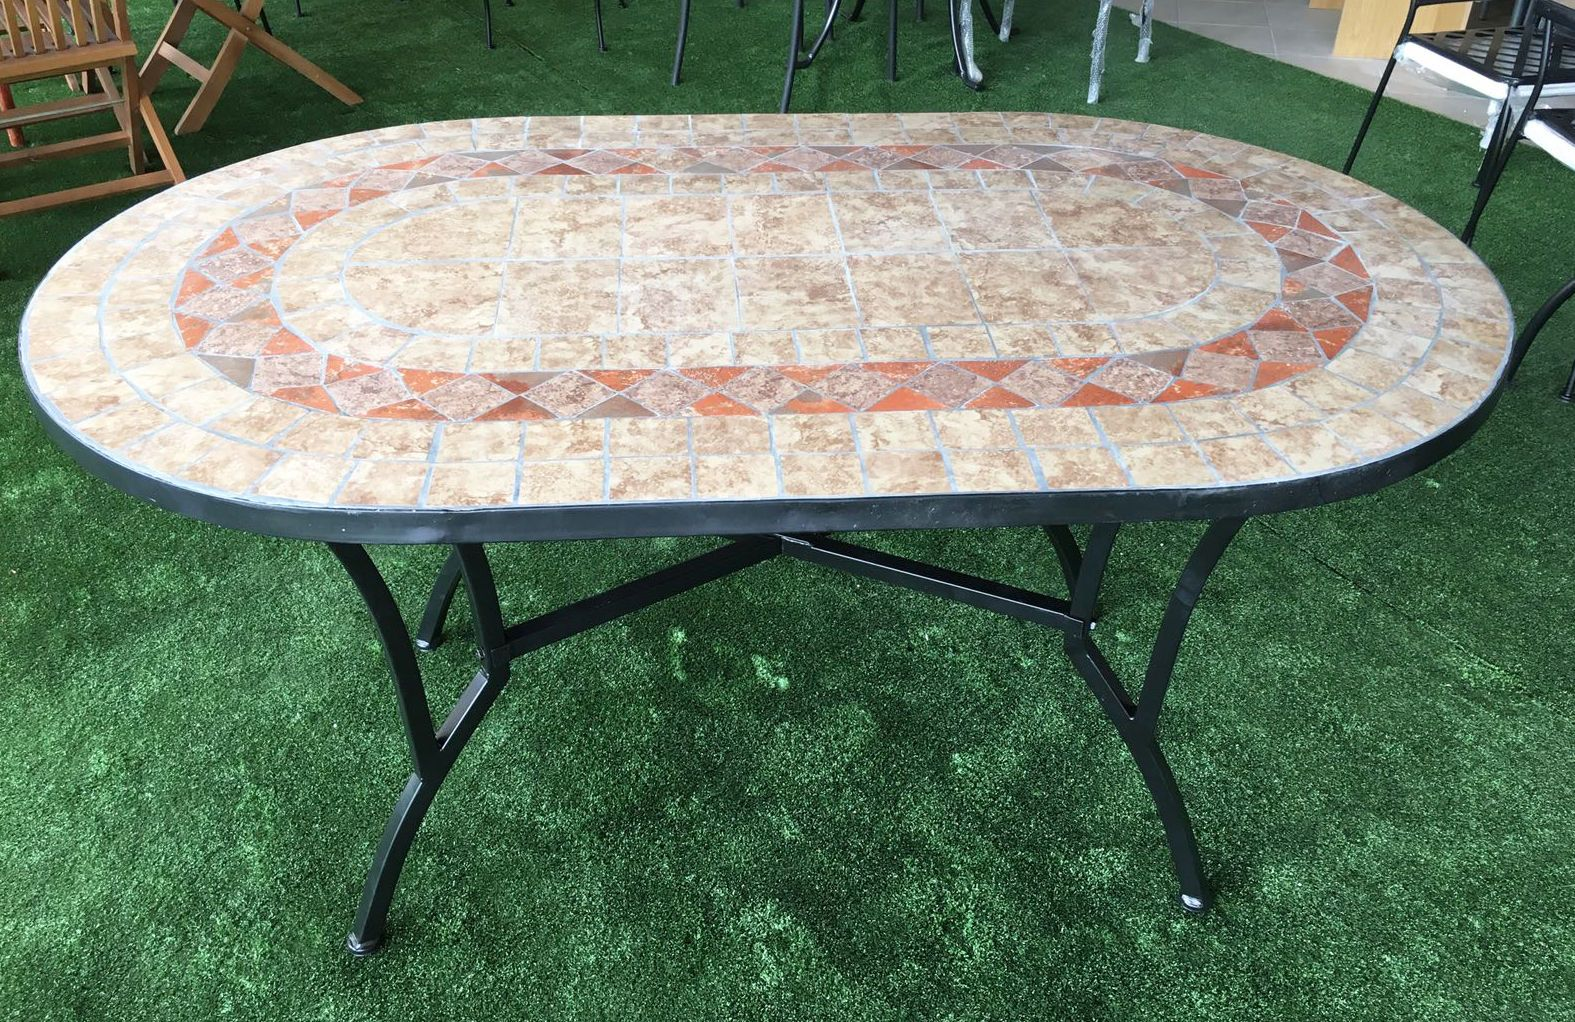 Prezzi Tavoli Da Giardino In Ferro.Tavolo Da Giardino Ovale Con Mosaico In Ferro Battuto Cm 150x90x75